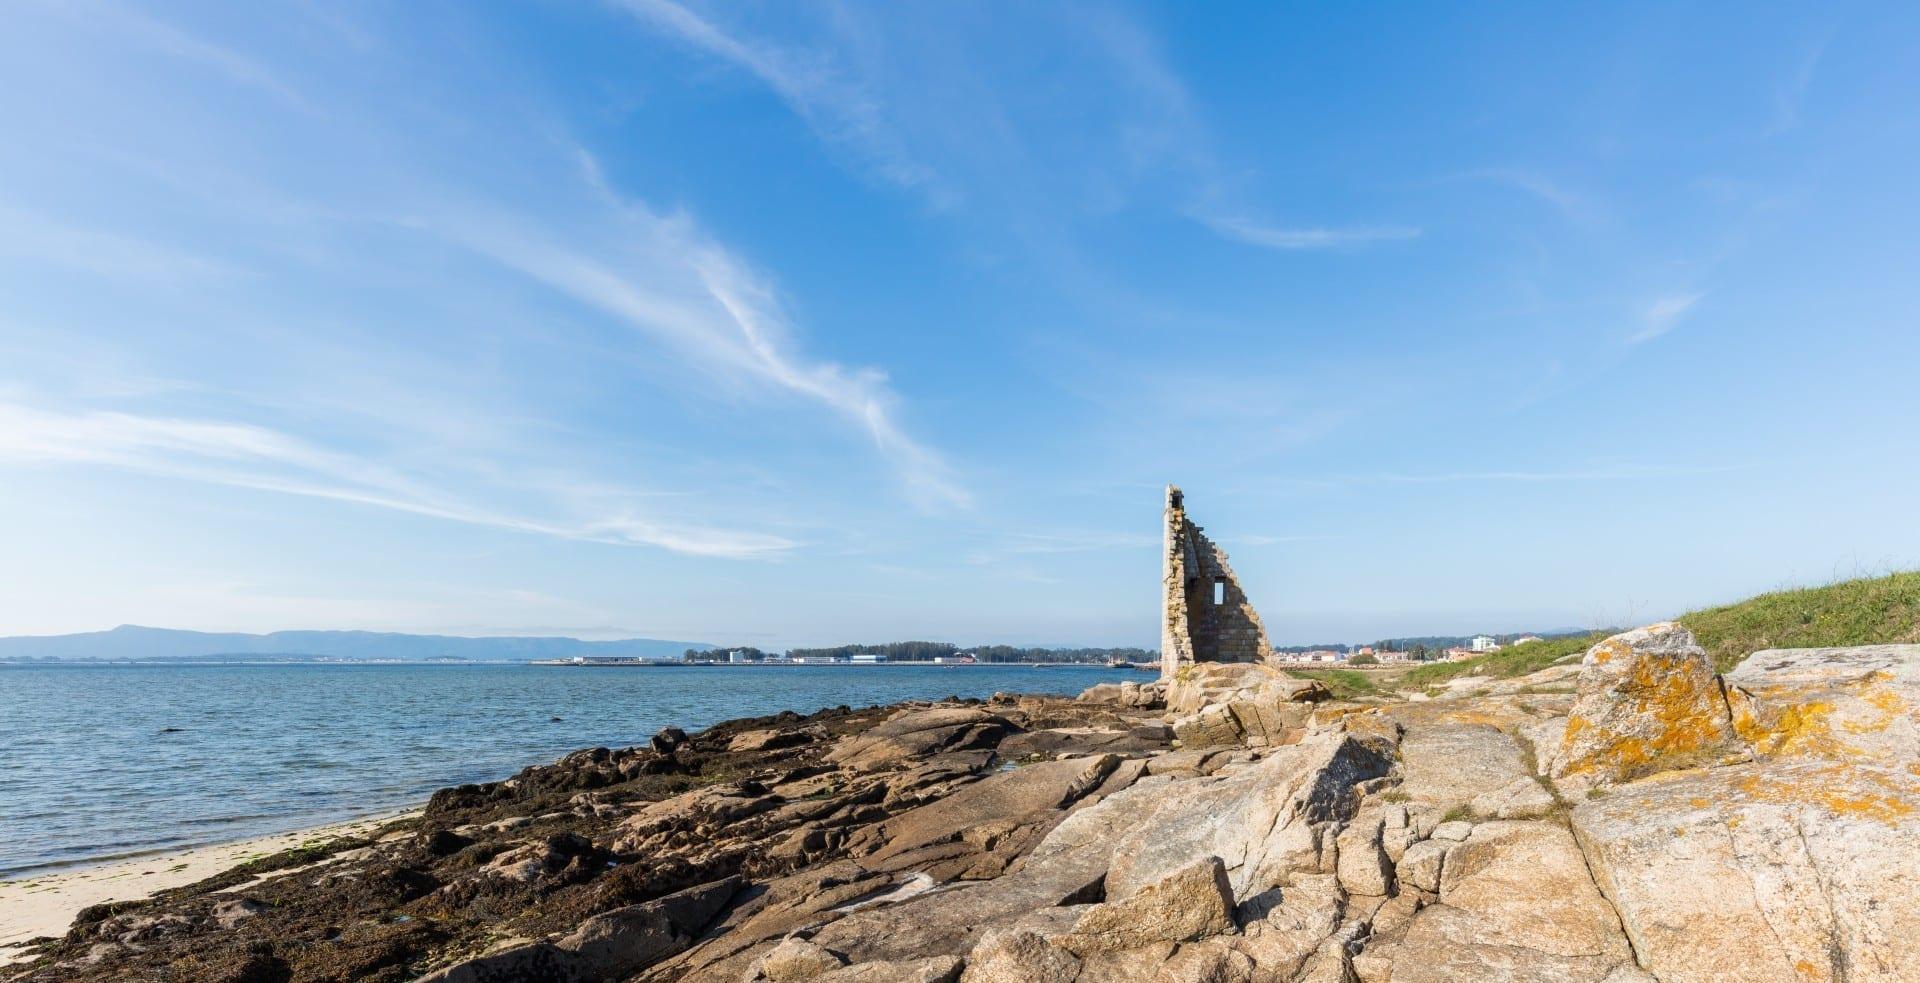 Torre de San Saturniño en Cambados, Pontevedra, a unos 25 km al norte y al oeste de la ciudad de Pontevedra Pontevedra (Provincia) España